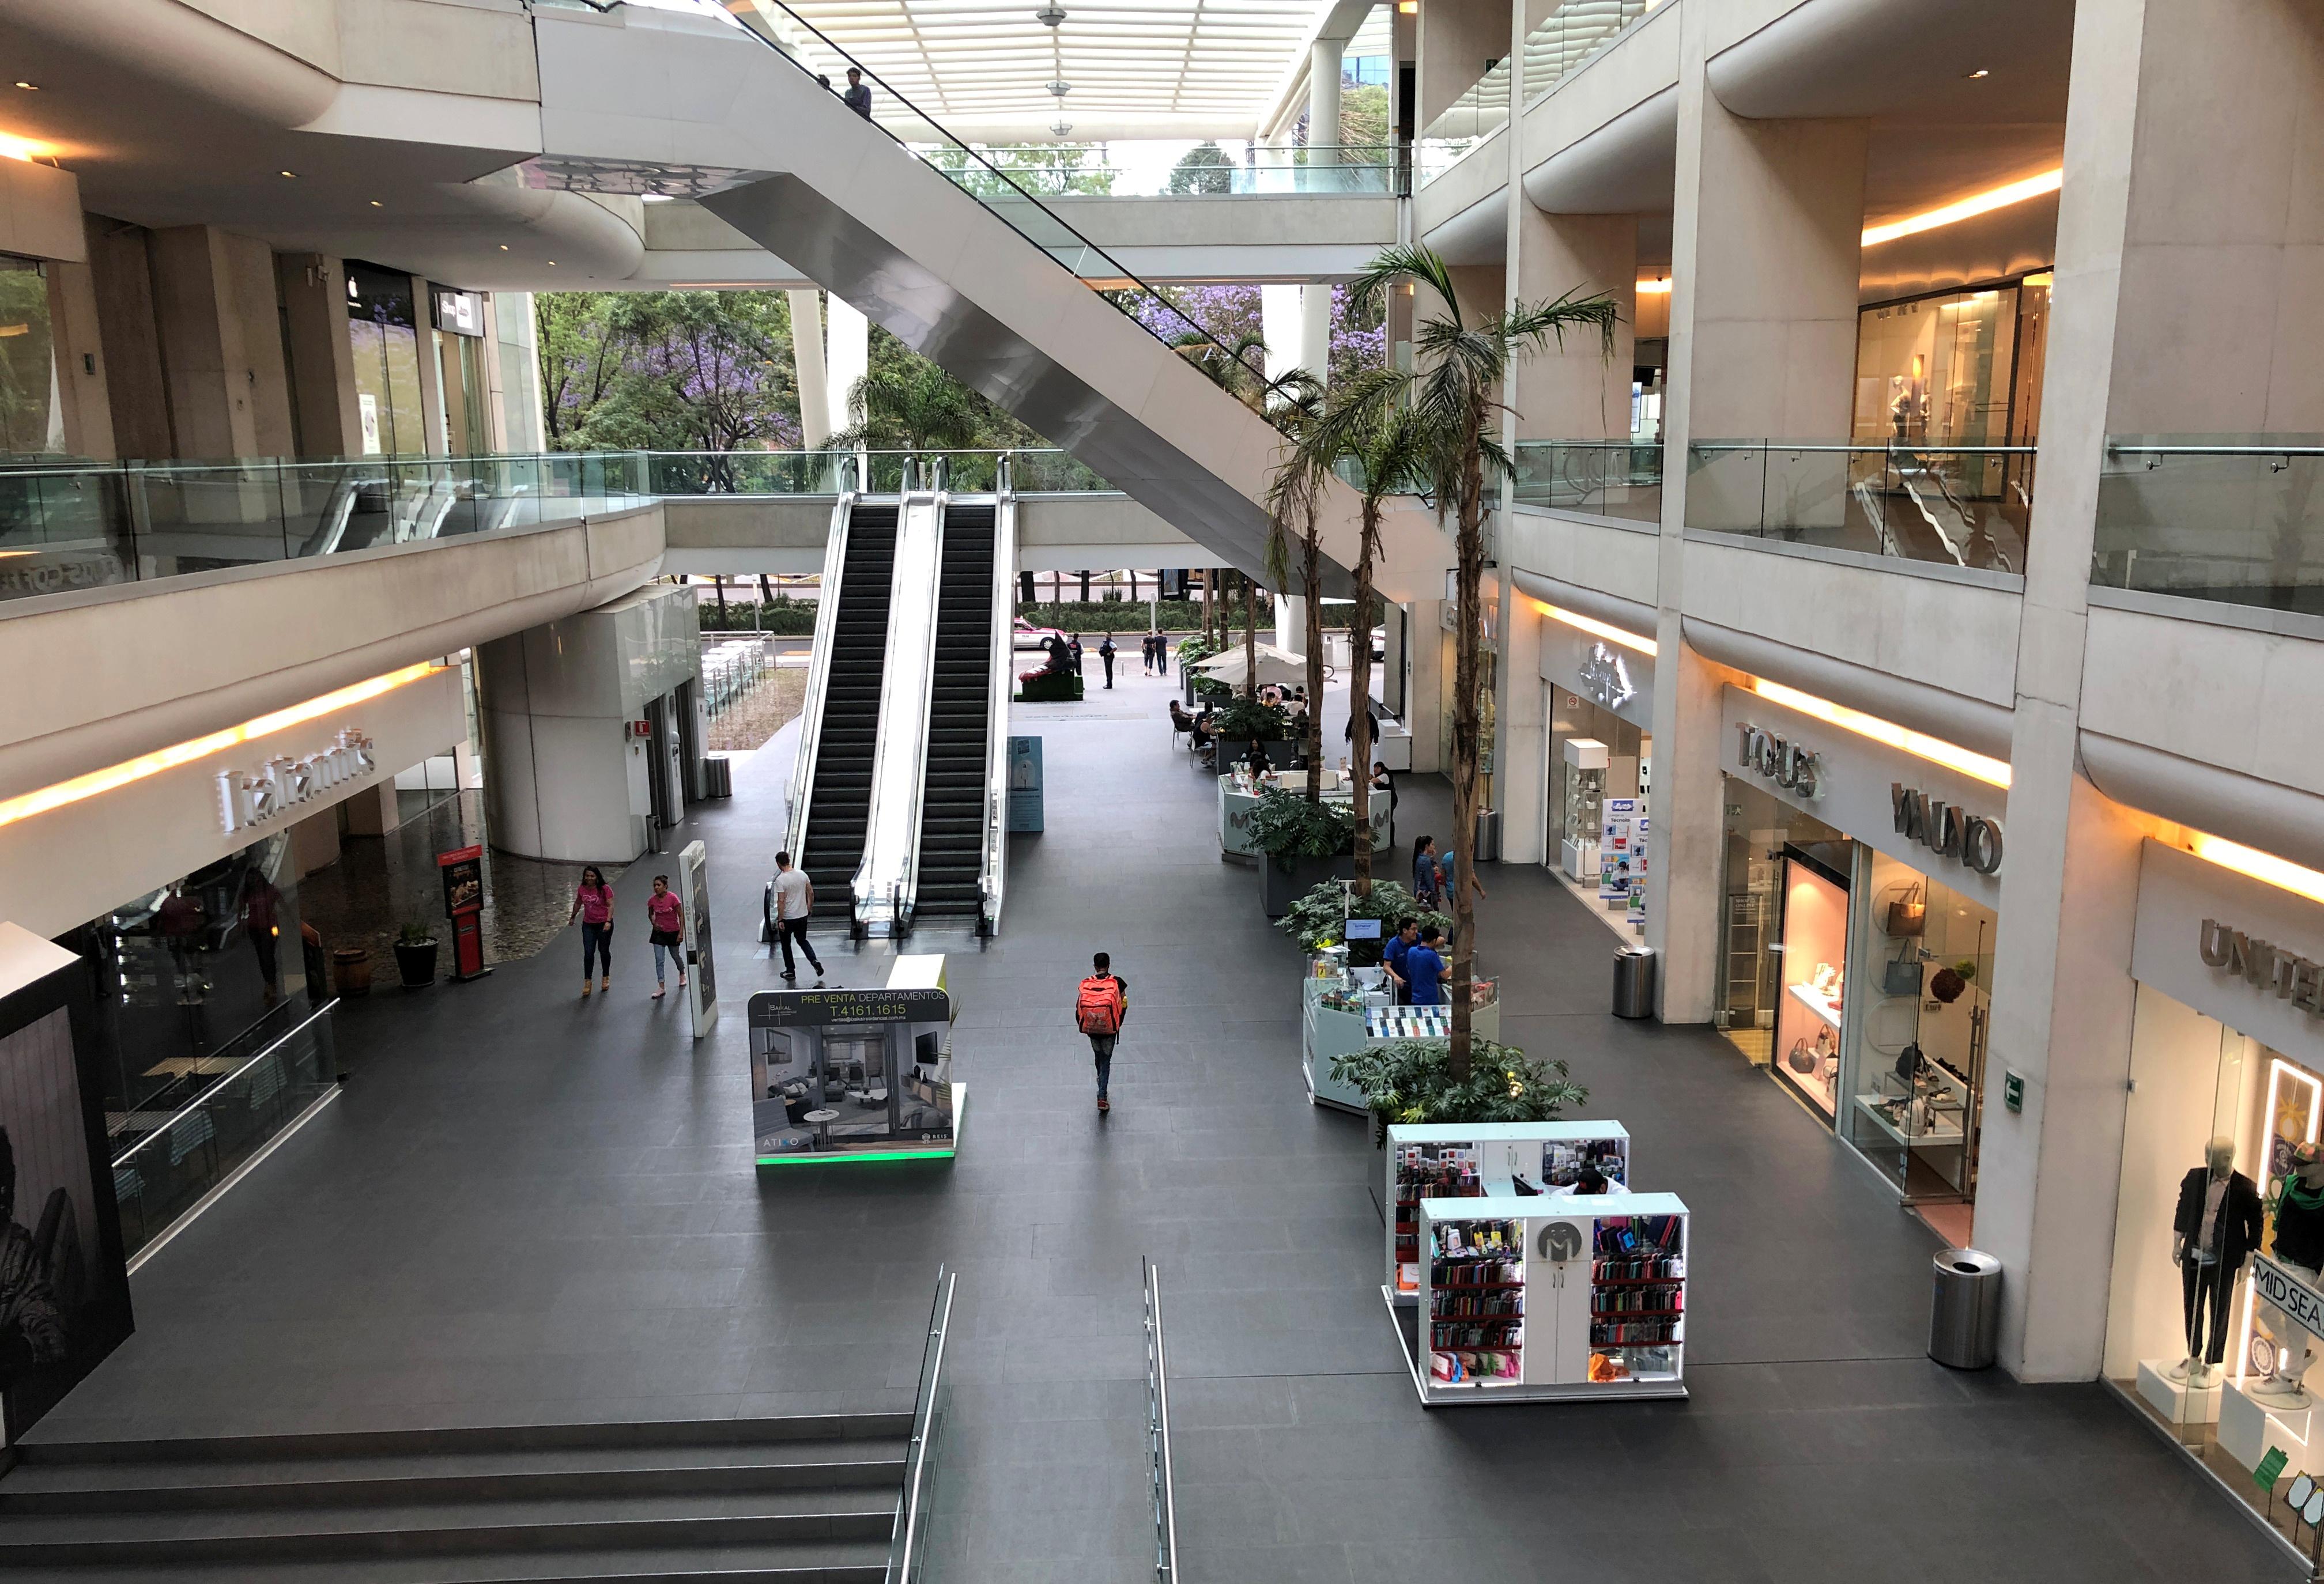 Un puñado de personas entra a un centro comercial mientras continúa el brote de la enfermedad del coronavirus (COVID-19), en la Ciudad de México, México, 22 de marzo de 2020.